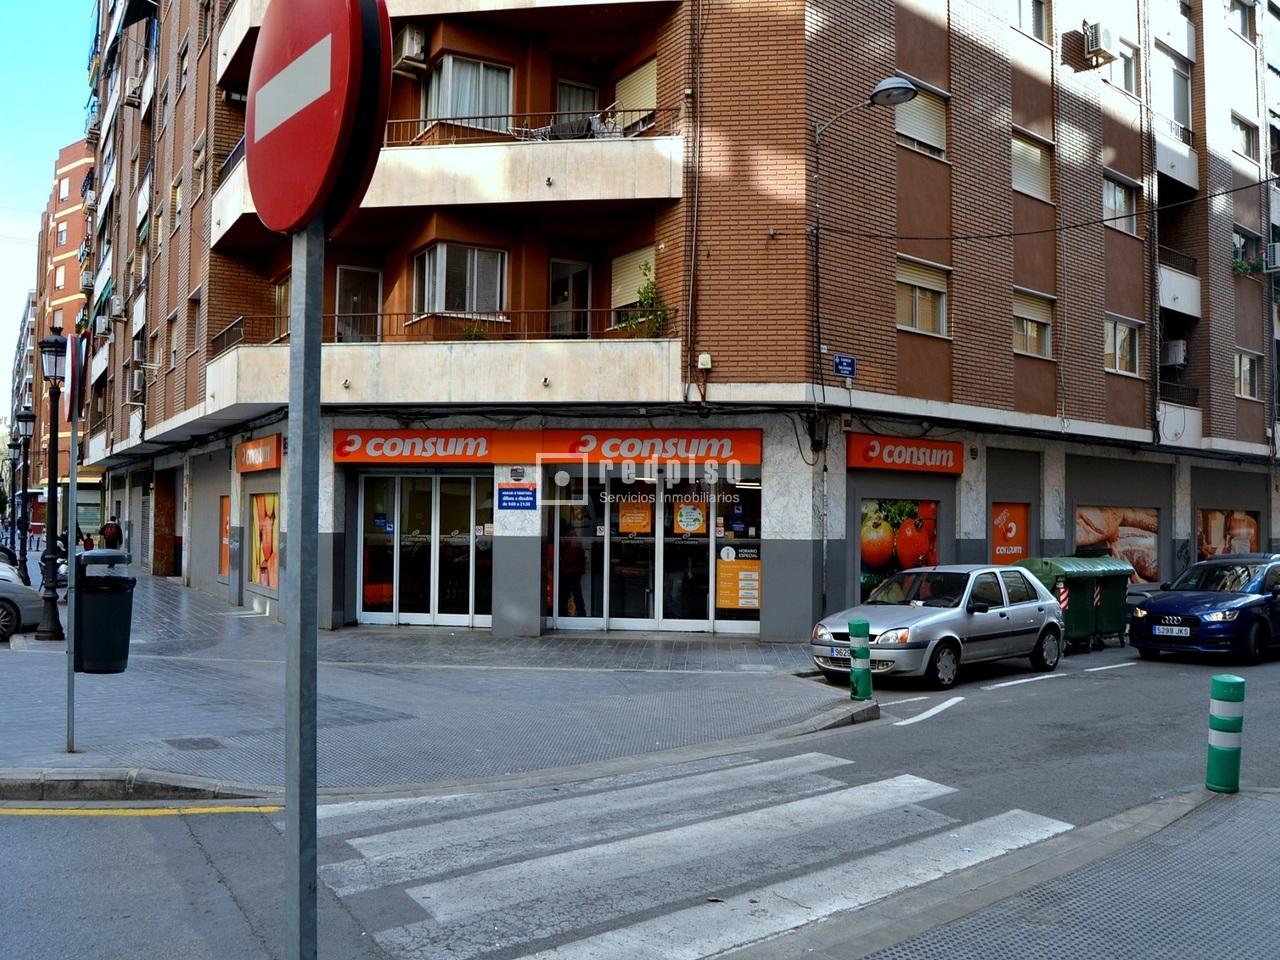 Plaza de garaje en venta en calle salvador lluch 27 for Plaza garaje valencia